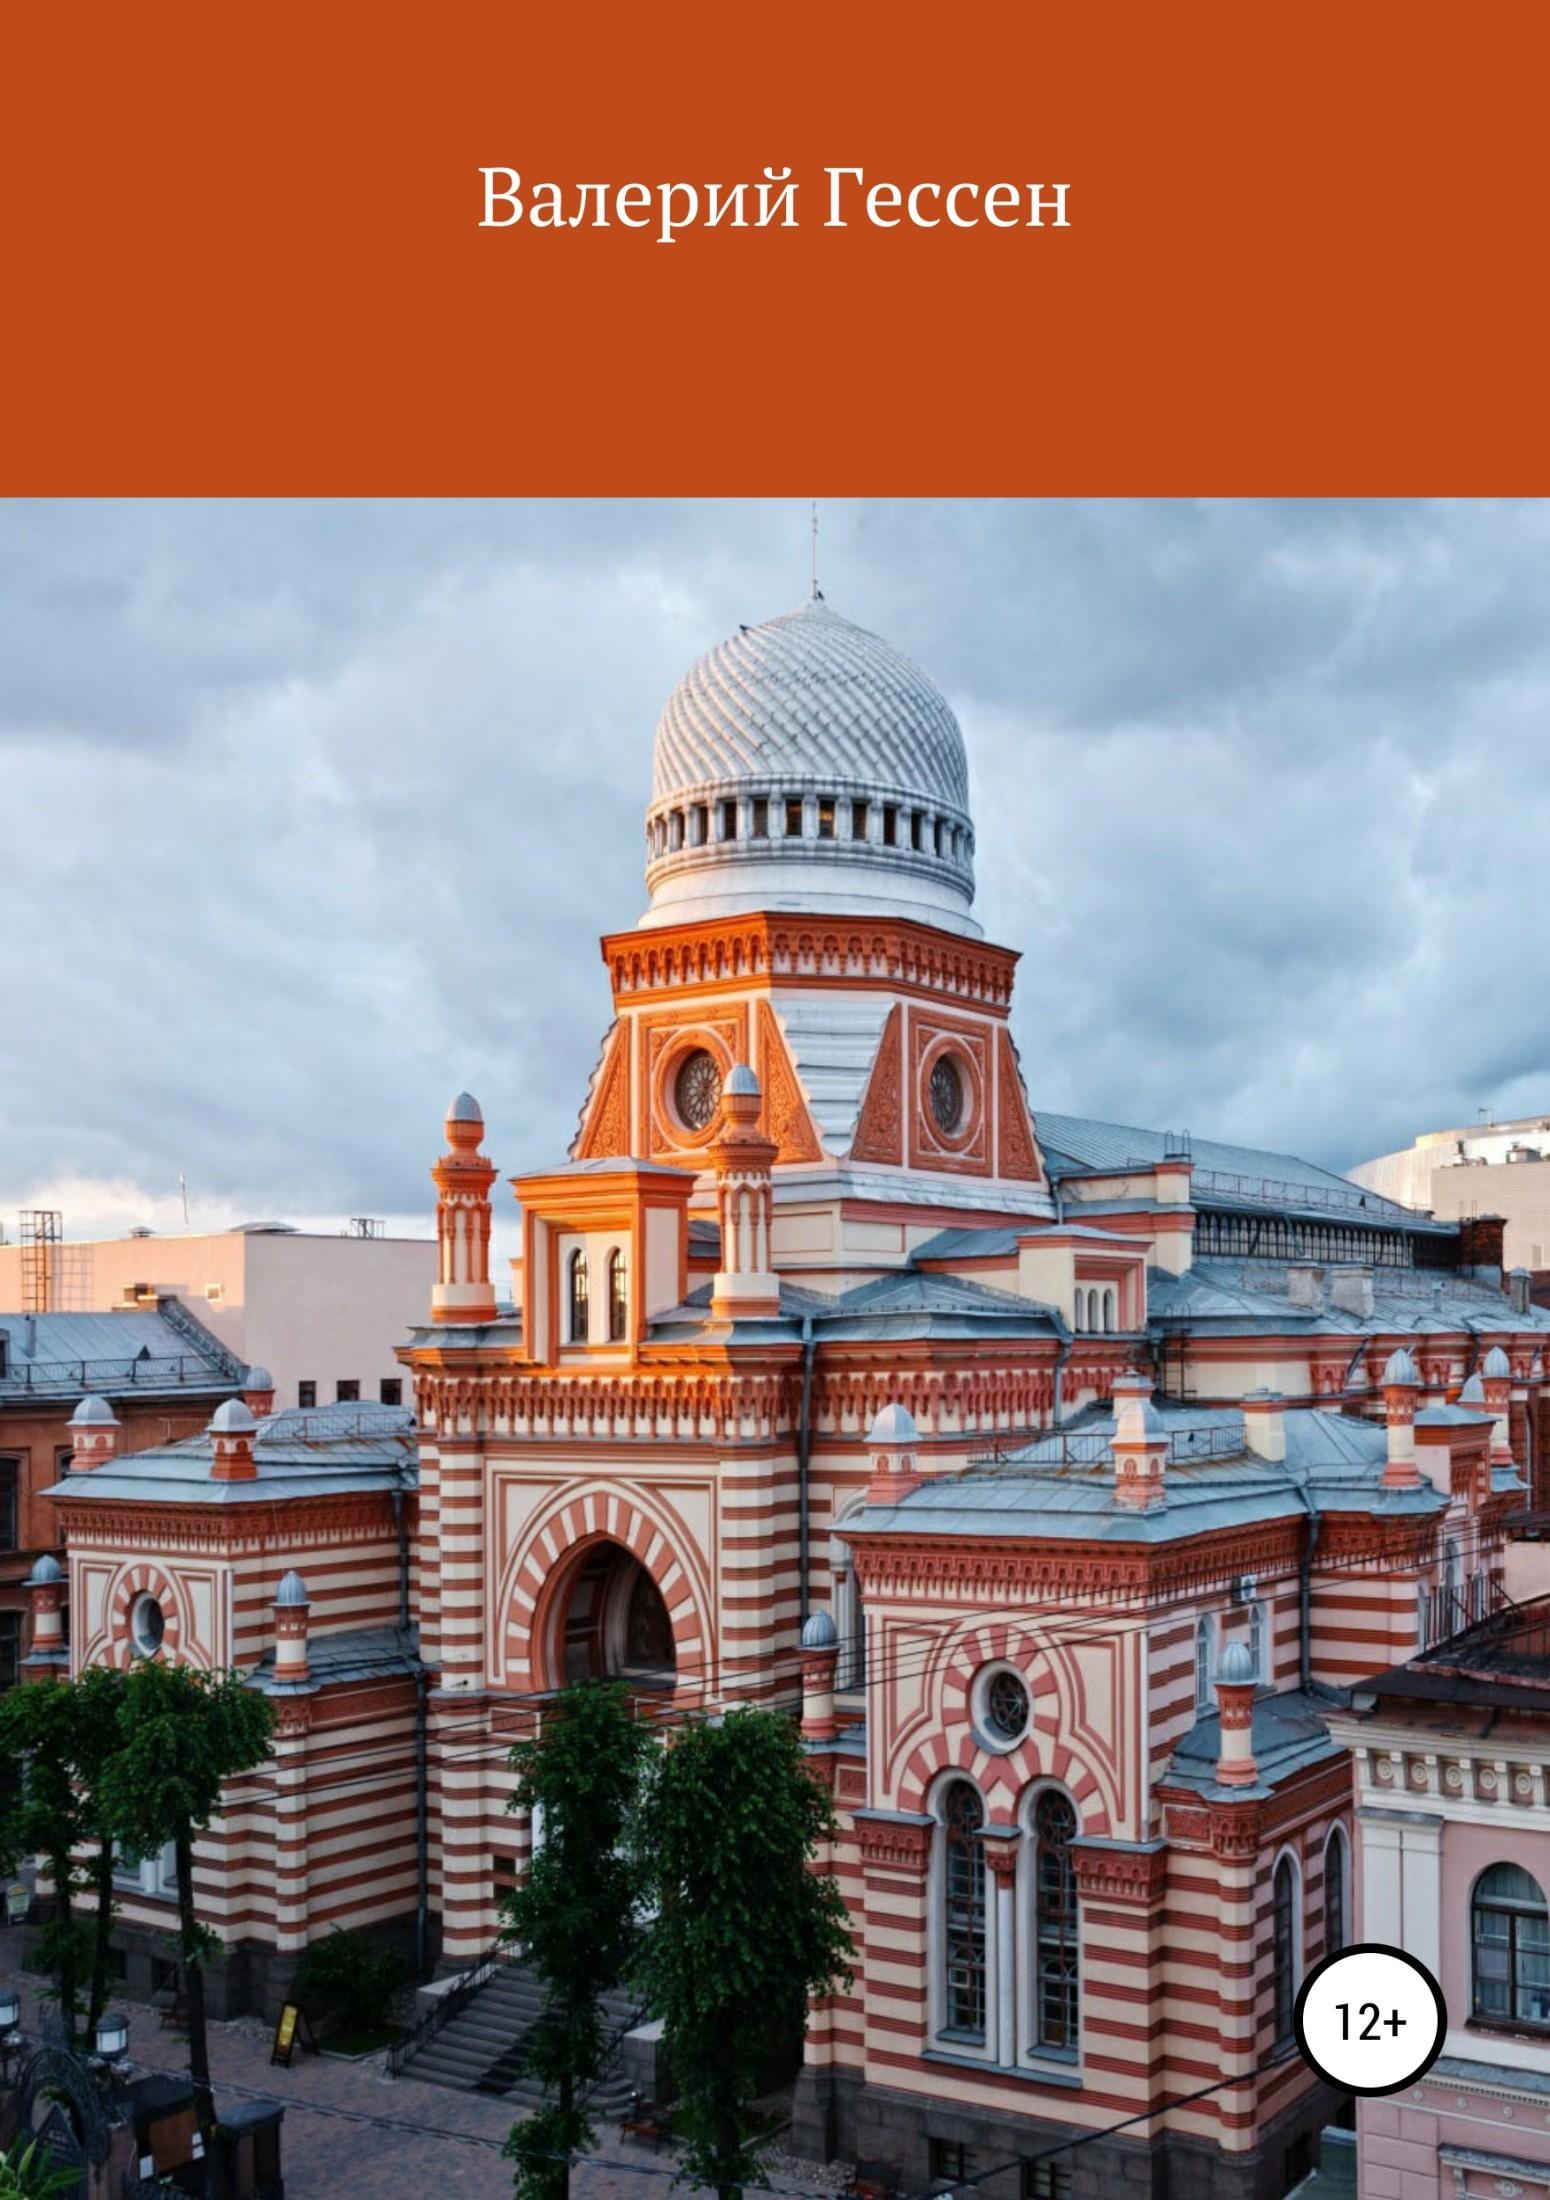 К истории евреев: 300 лет в Санкт-Петербурге